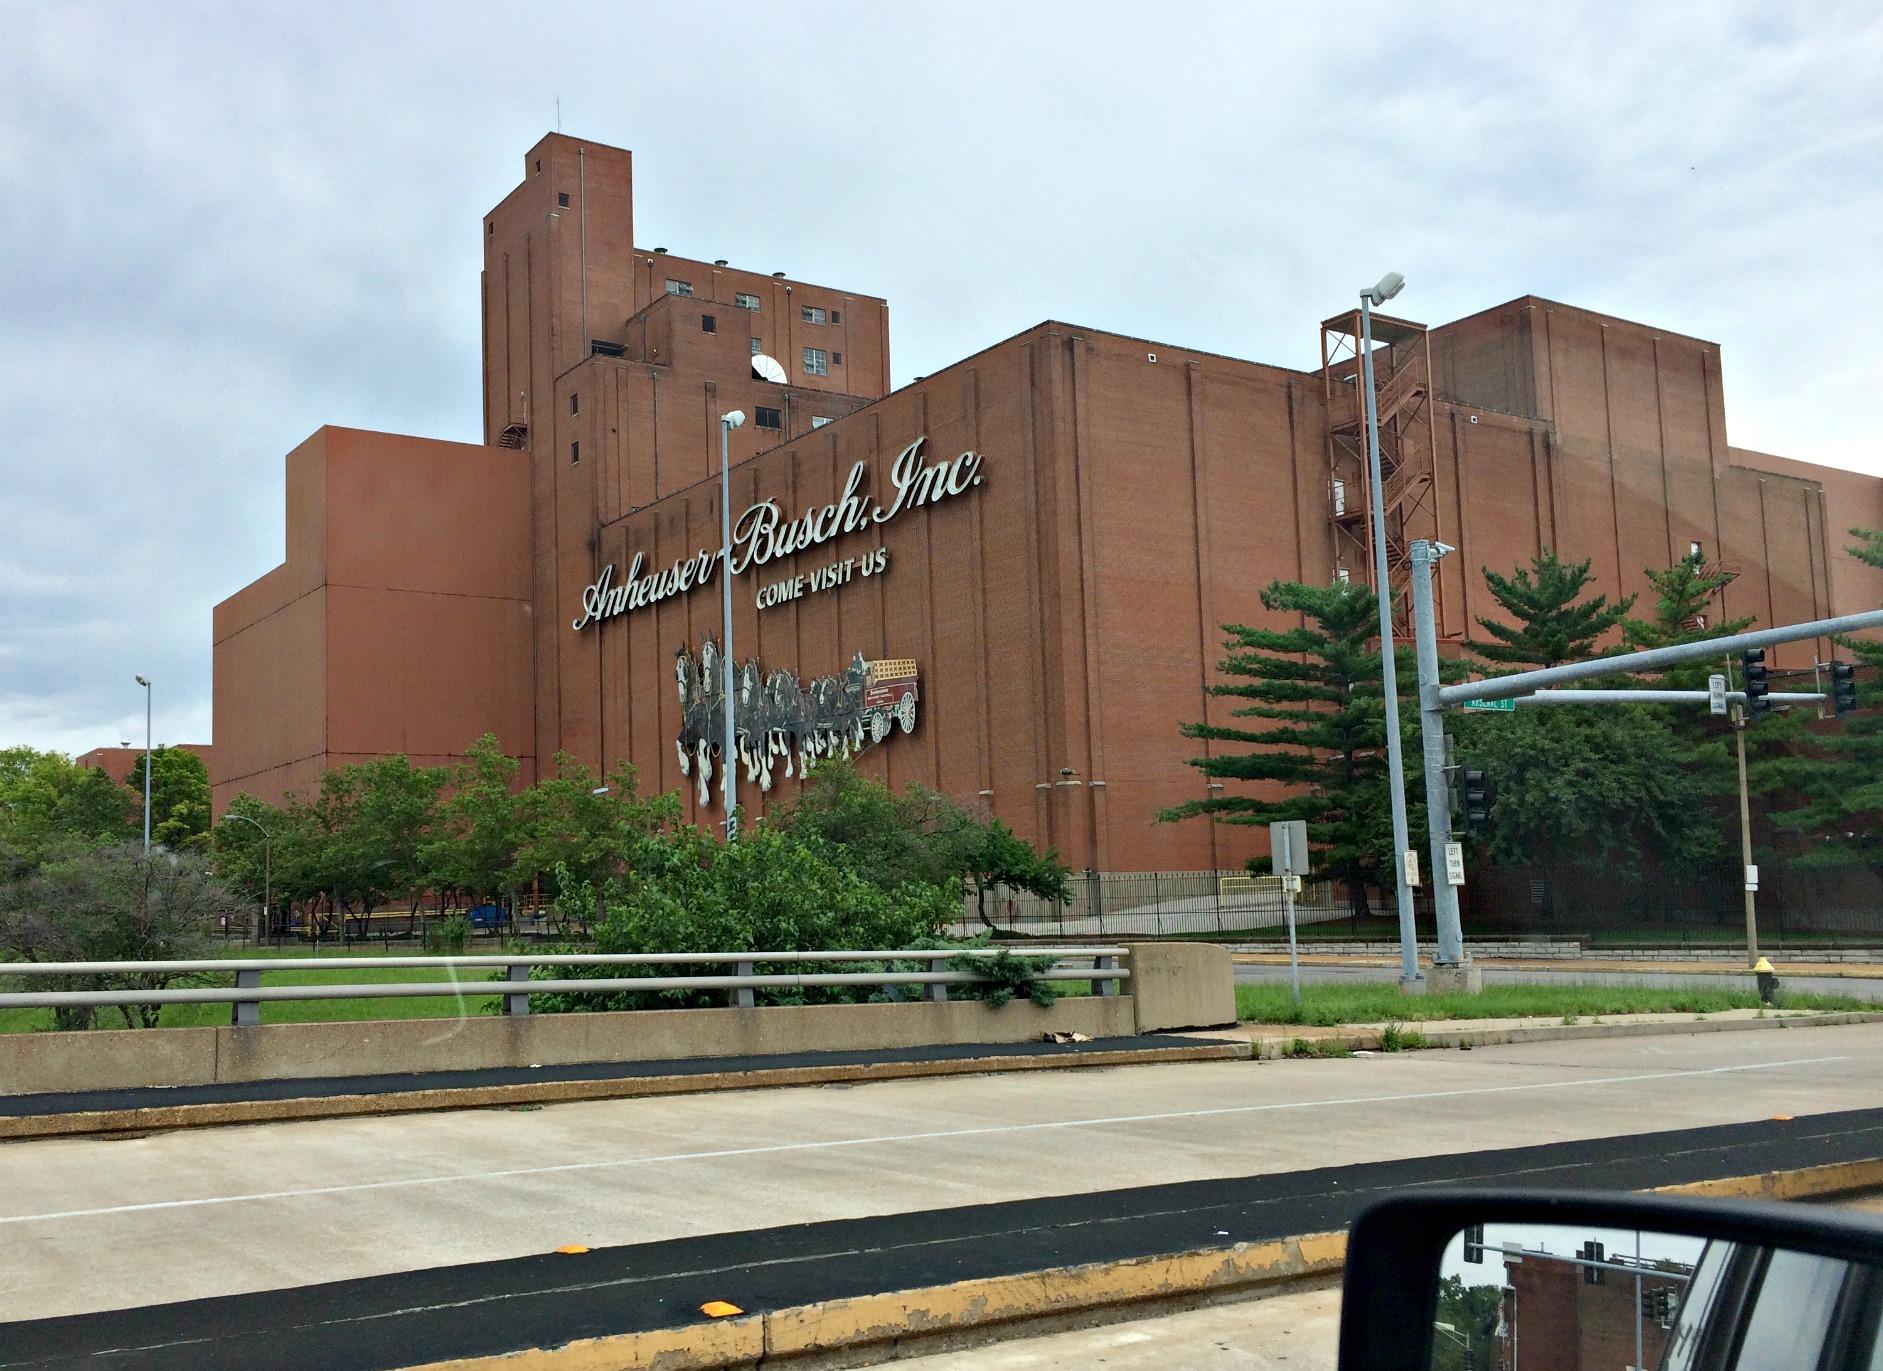 Anheuser-Busch building, St. Louis, Missouri